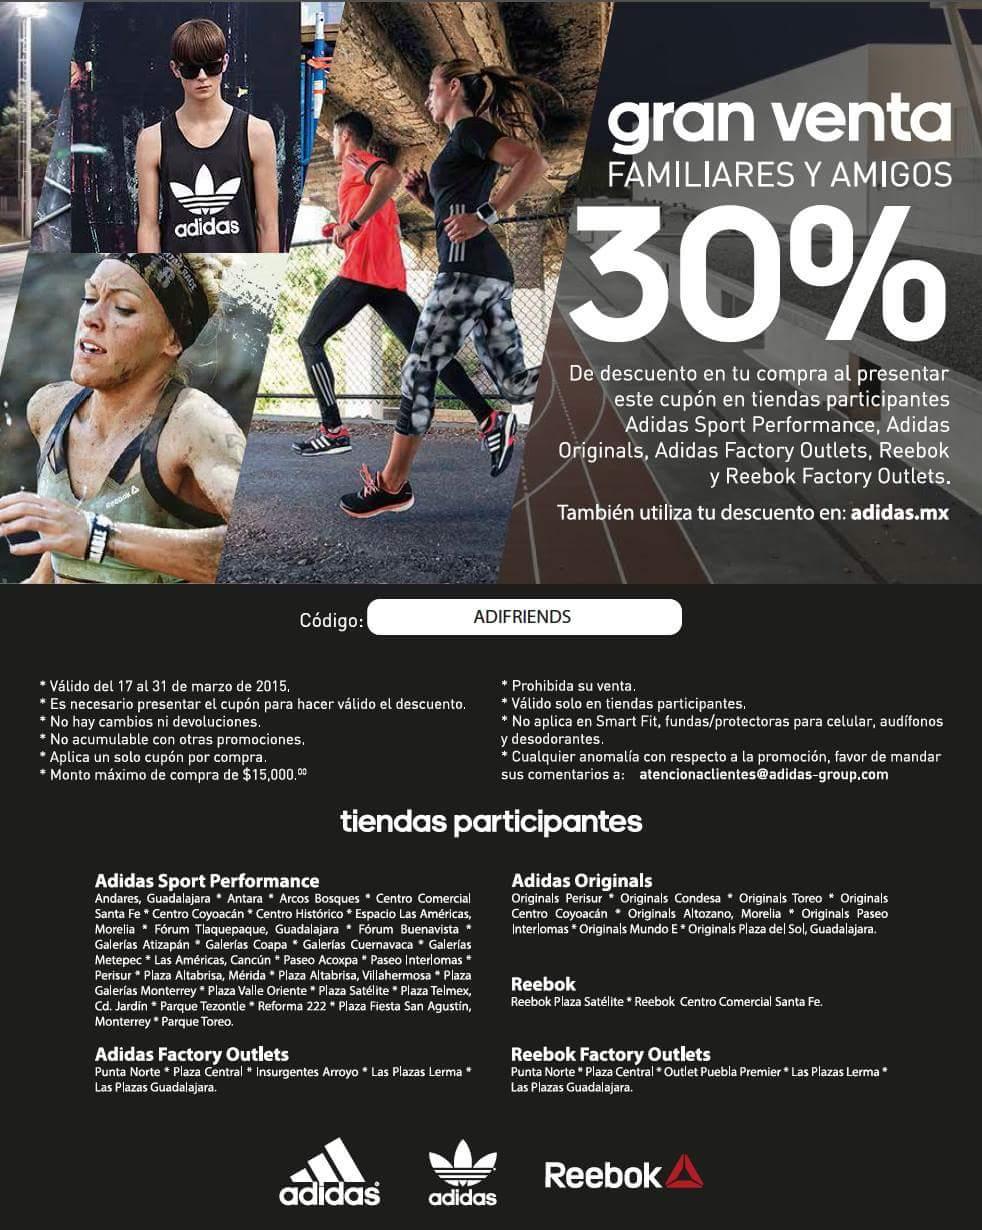 30% de descuento Reebok y Adidas en tienda y por Internet